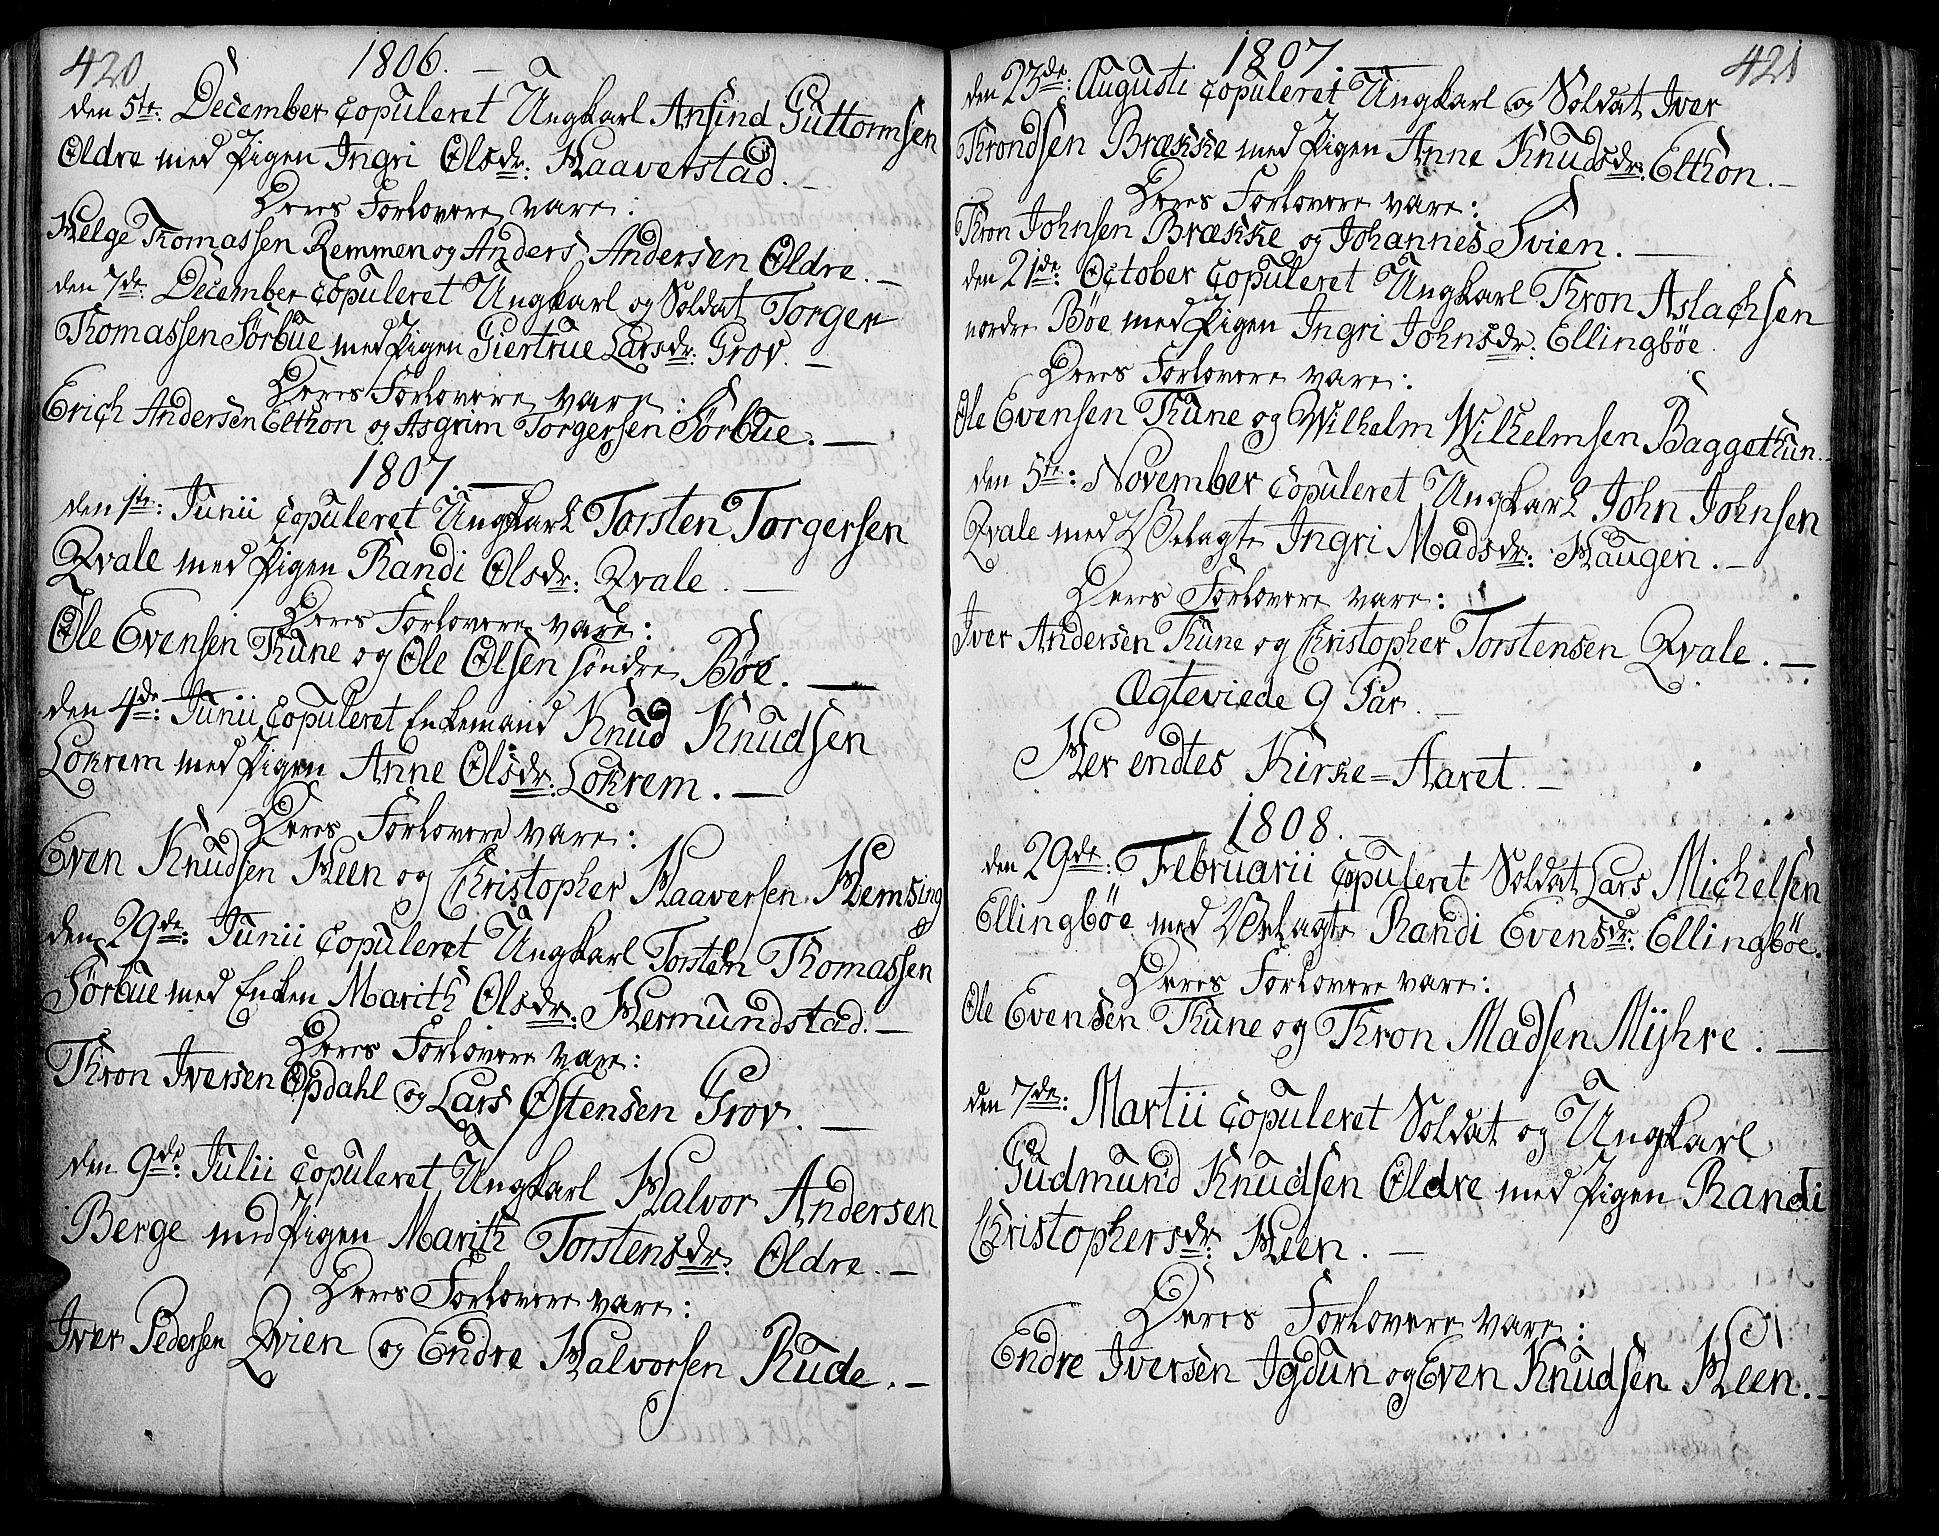 SAH, Vang prestekontor, Valdres, Ministerialbok nr. 2, 1796-1808, s. 420-421